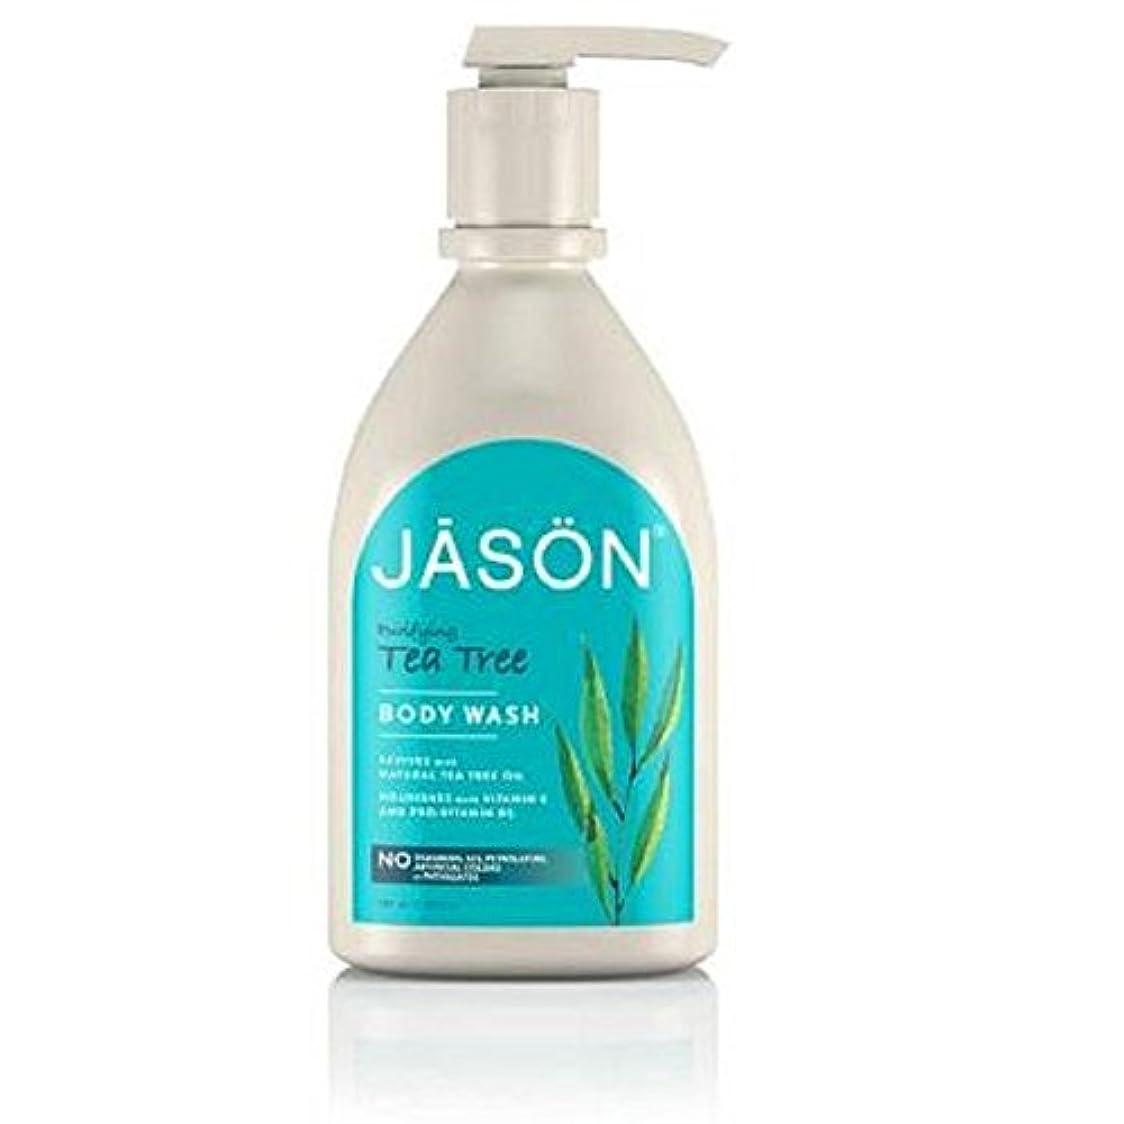 便益農奴浸したジェイソン?ティーツリーサテンボディウォッシュポンプ900ミリリットル x4 - Jason Tea Tree Satin Body Wash Pump 900ml (Pack of 4) [並行輸入品]